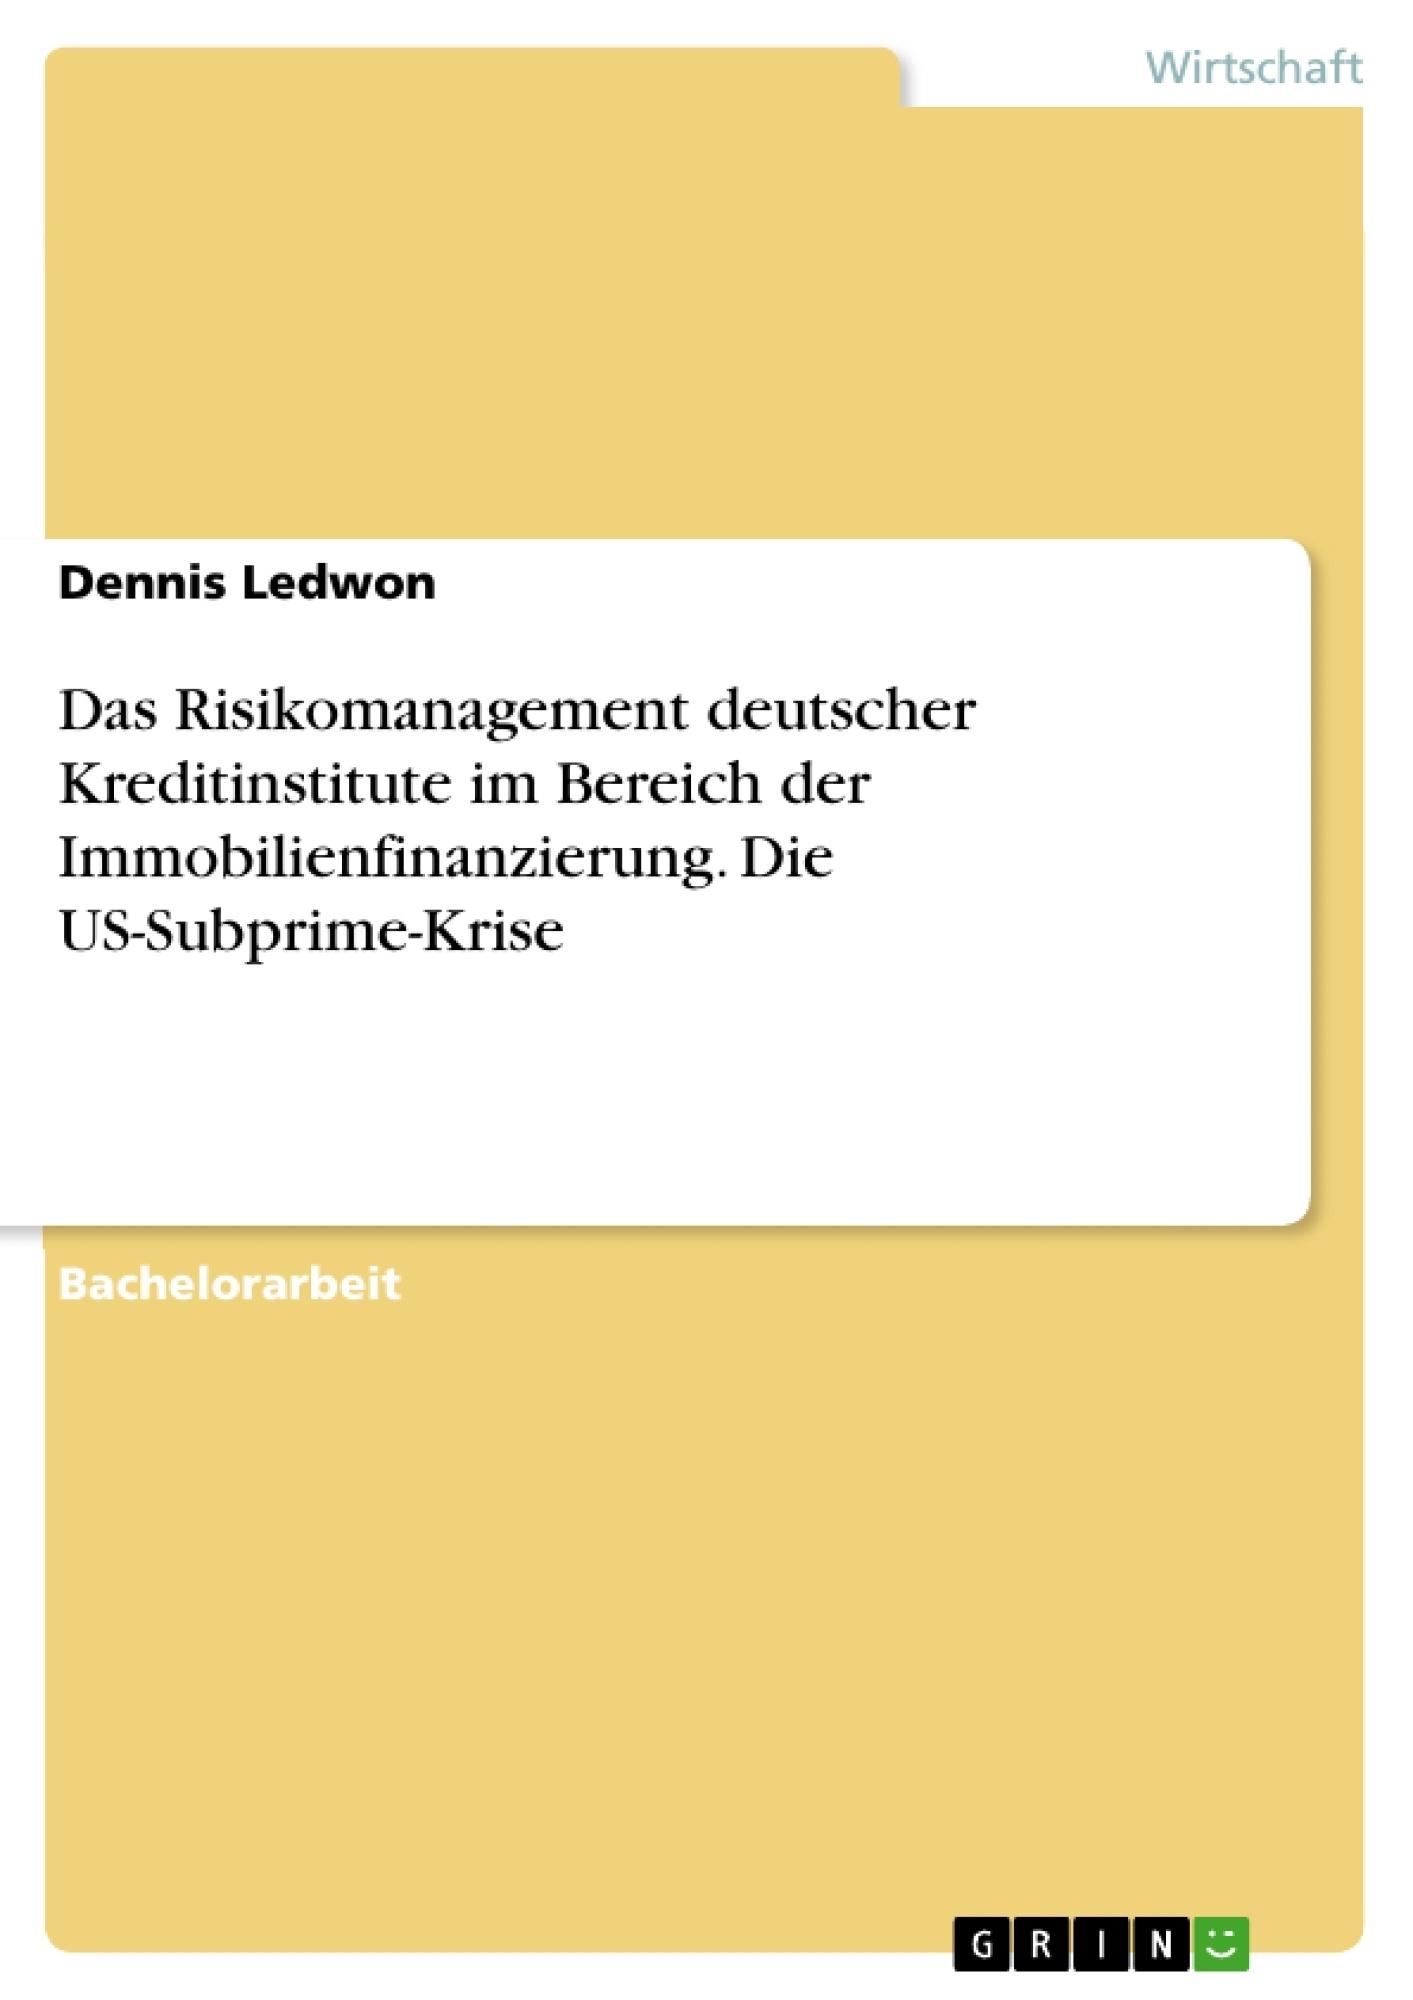 Das Risikomanagement deutscher Kreditinstitute im Bereich der ...